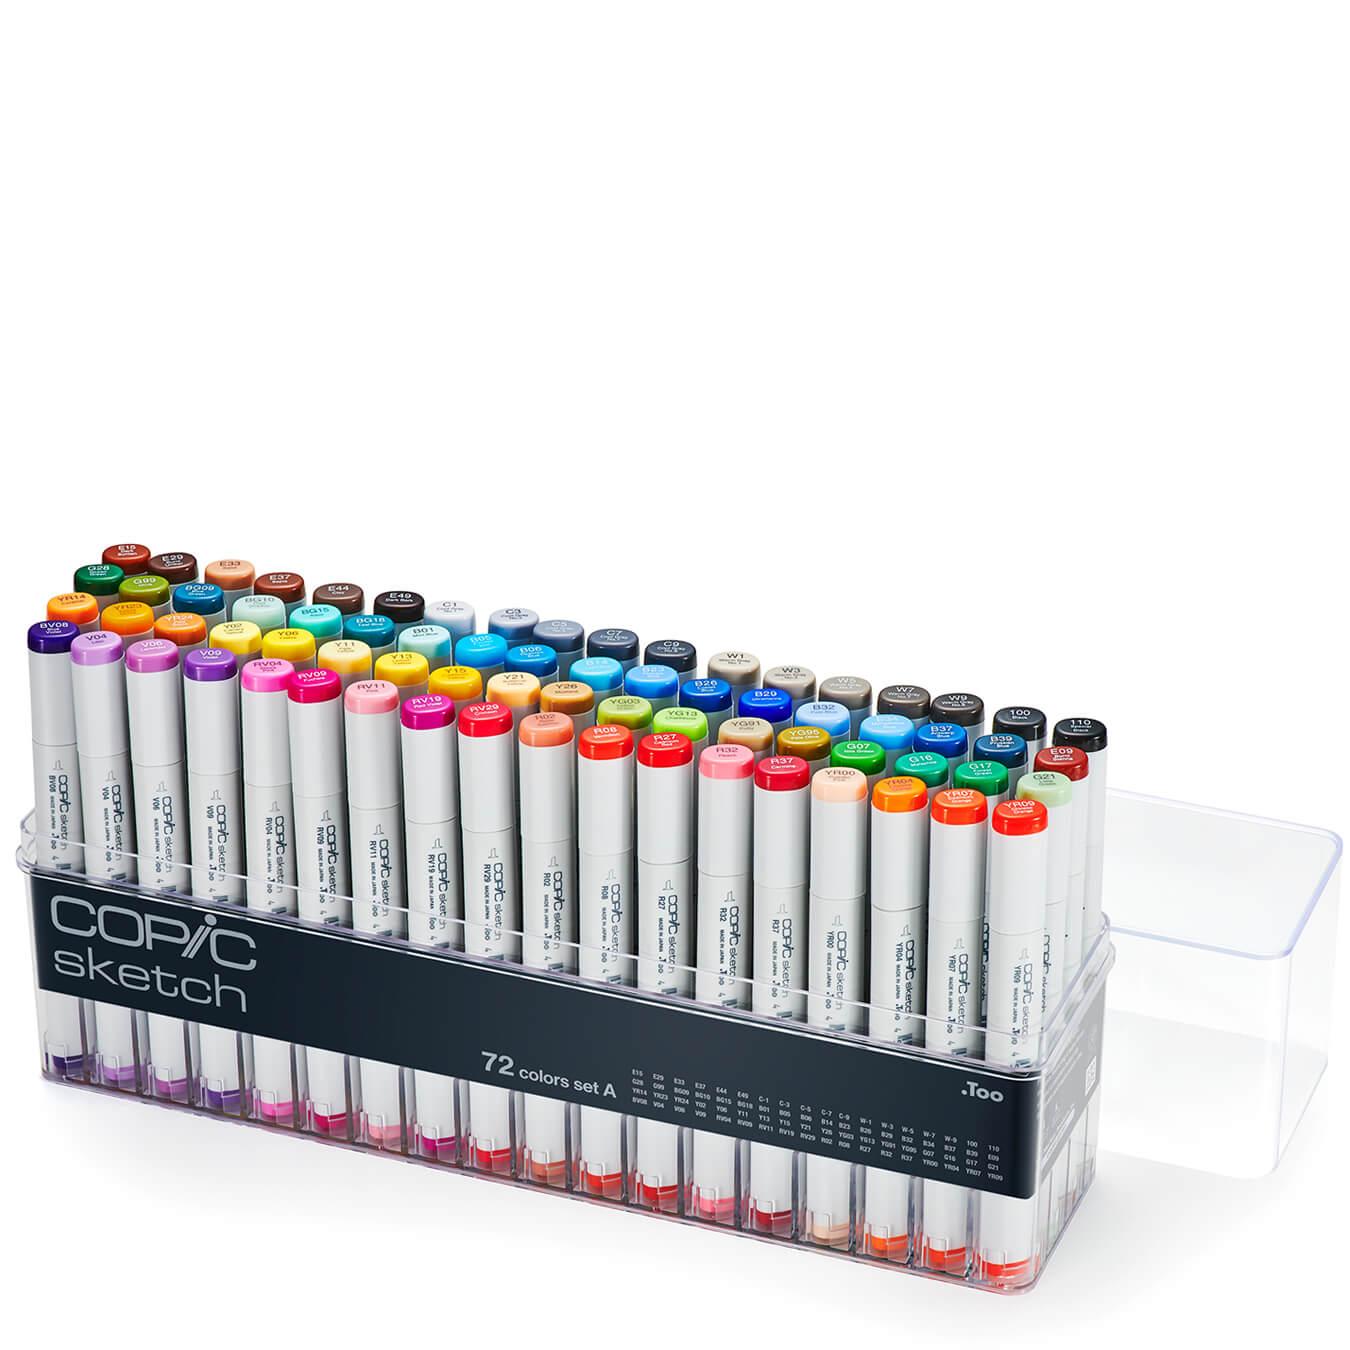 Copic Sketch 72 colors set A